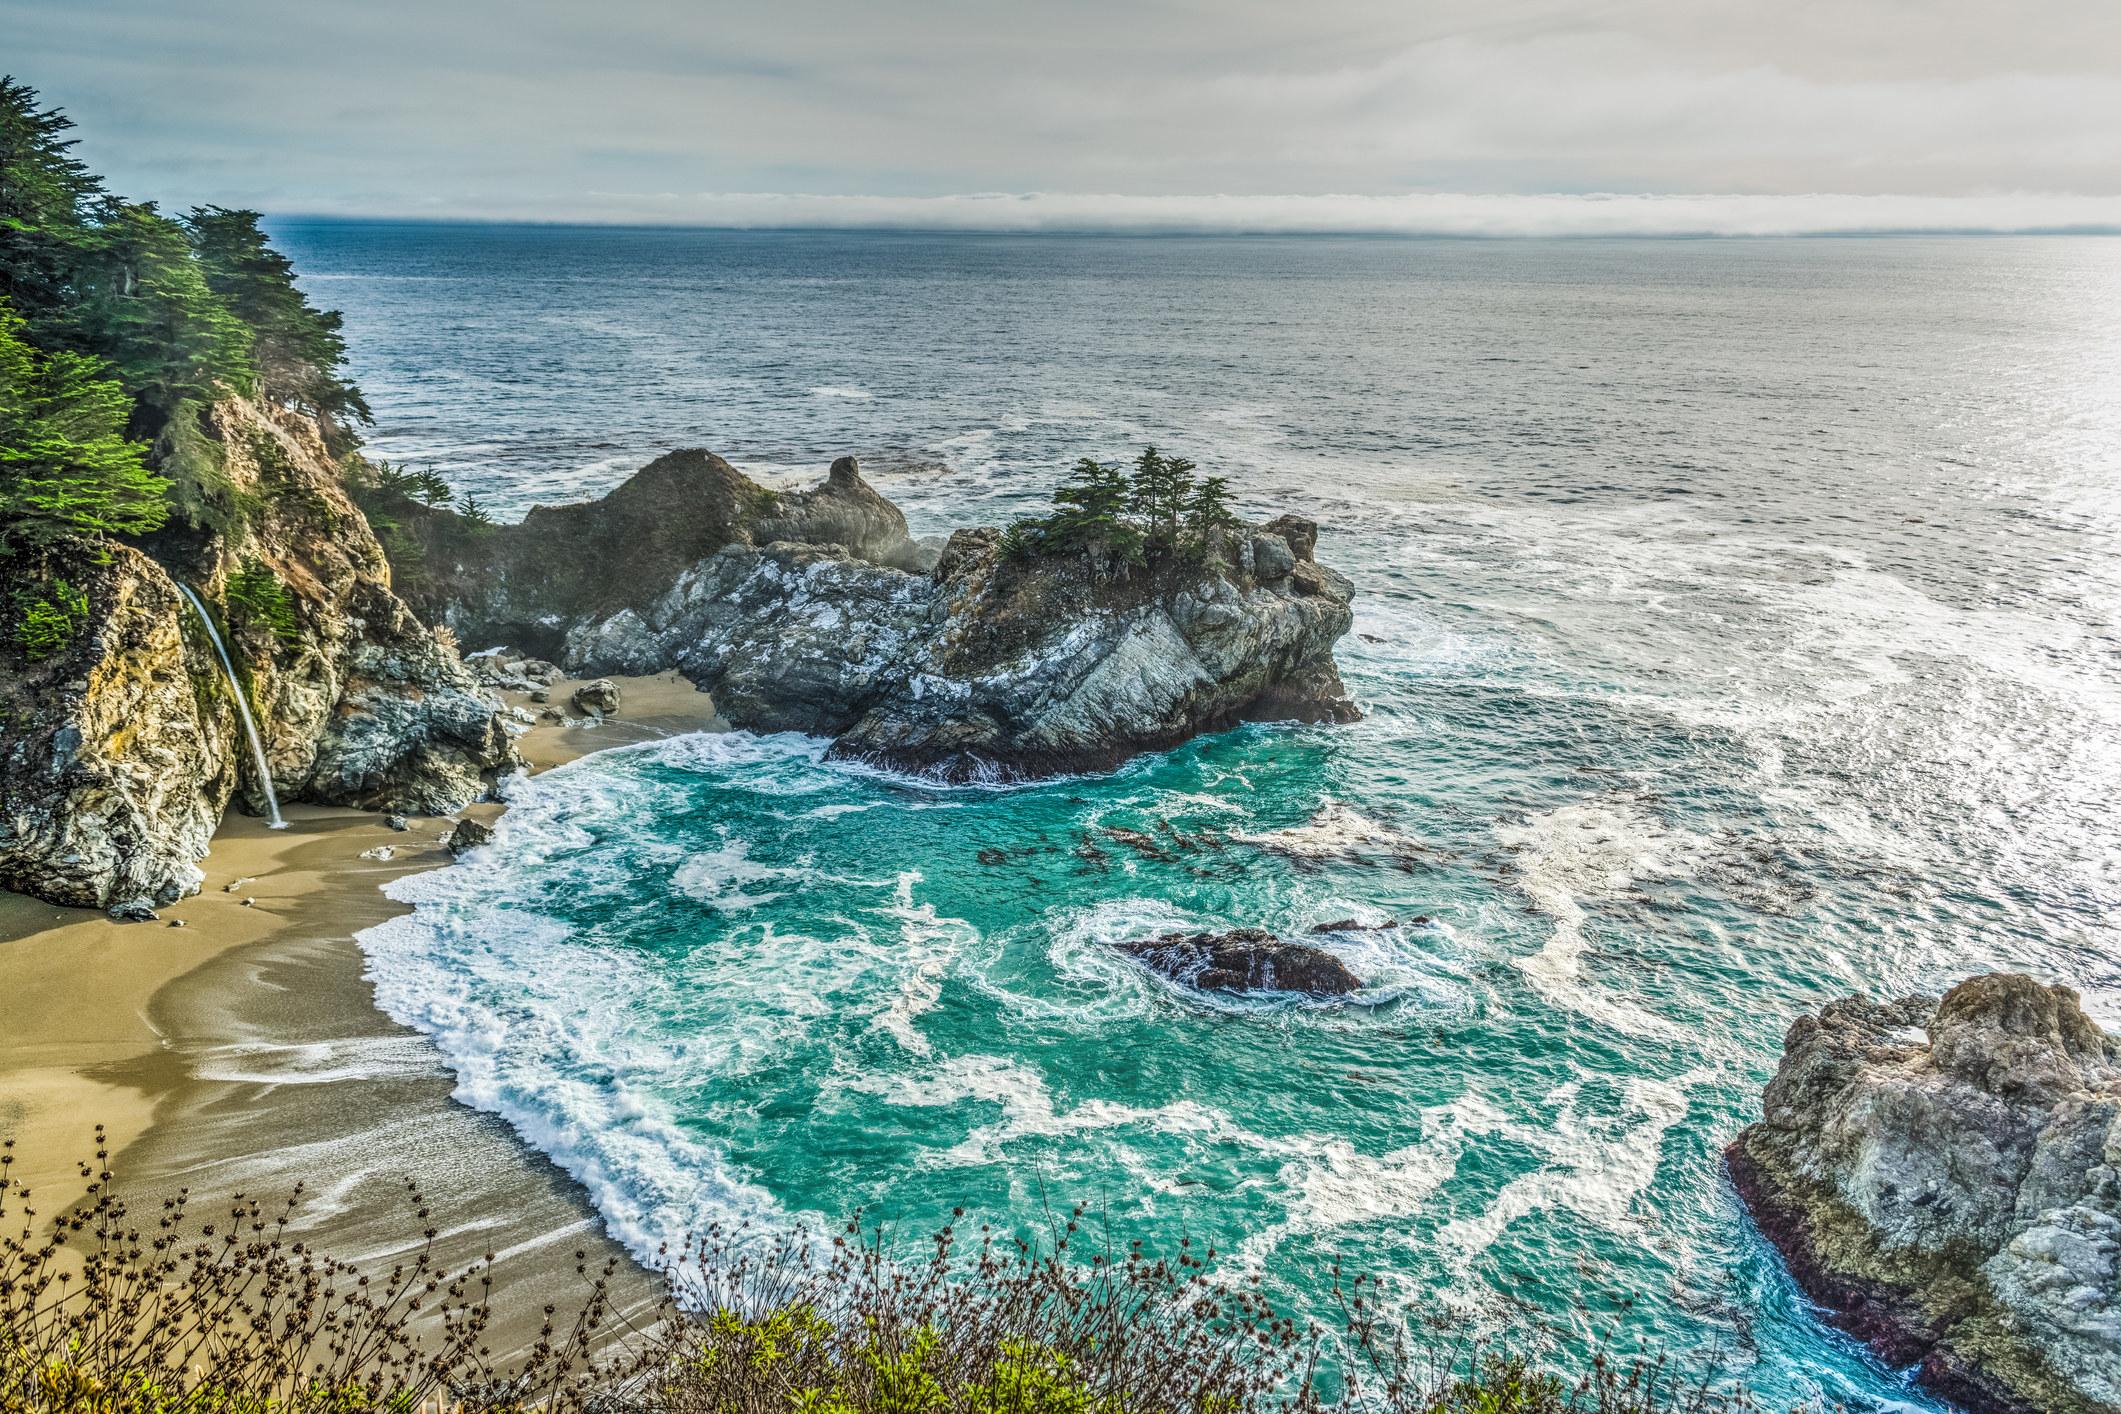 A bird's eye view of ocean water, sand a tall waterfall.